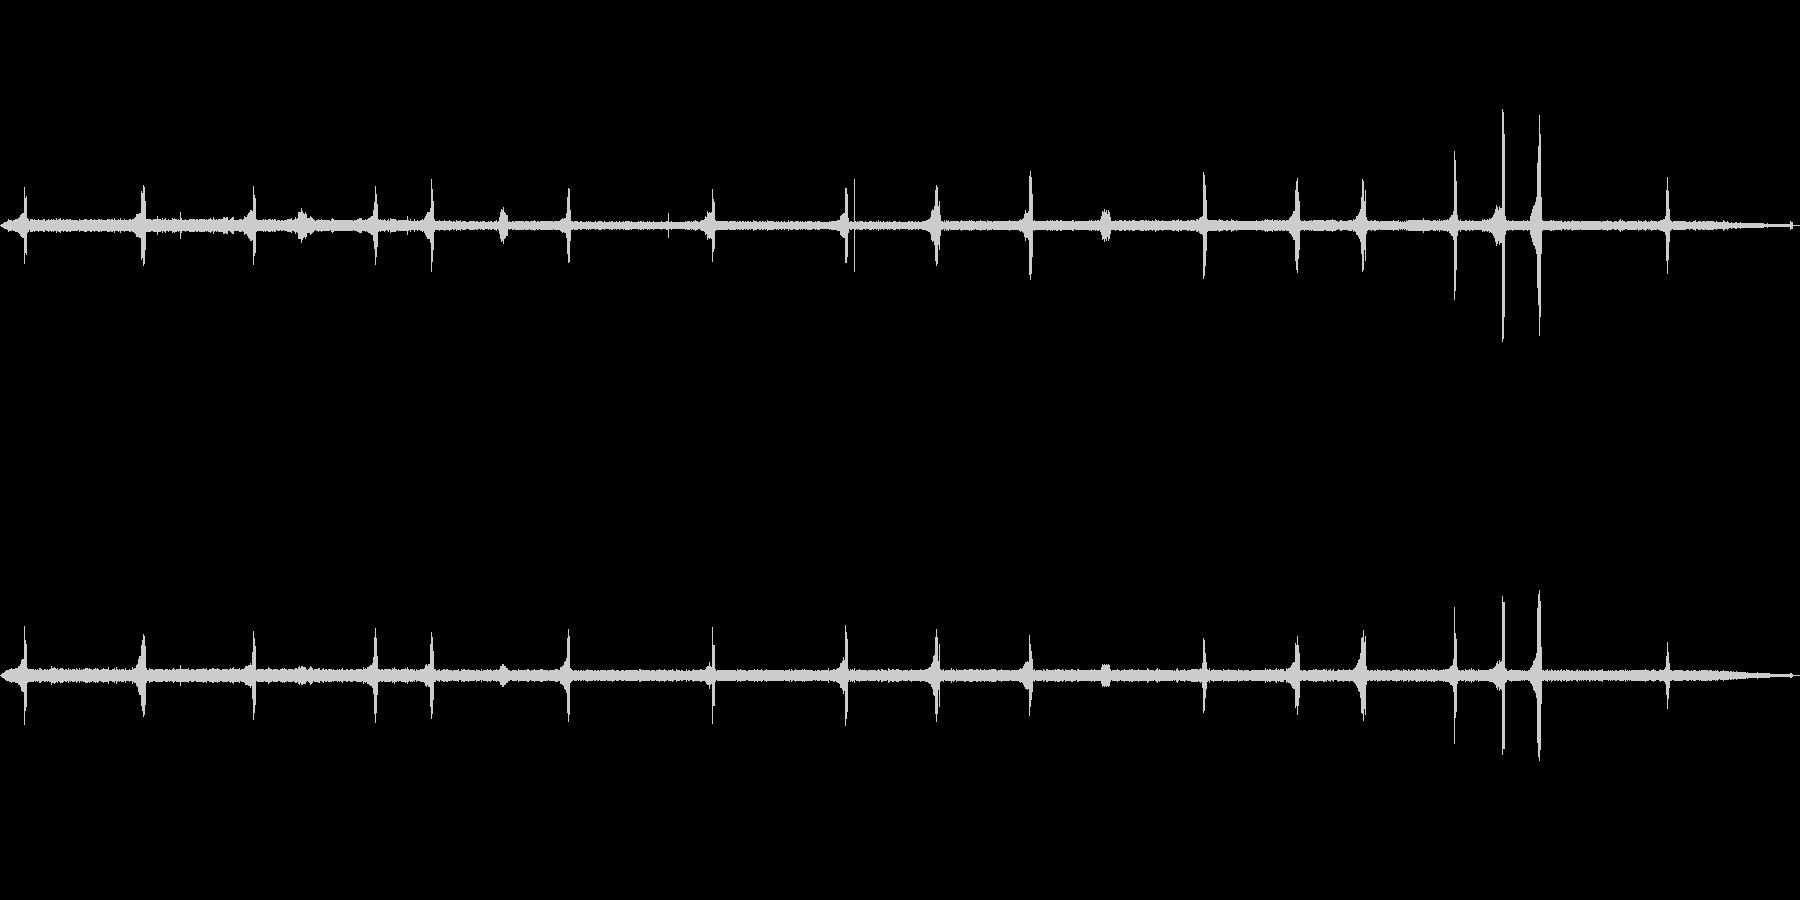 【自然音】ウグイスの鳴き声(開田高原)の未再生の波形